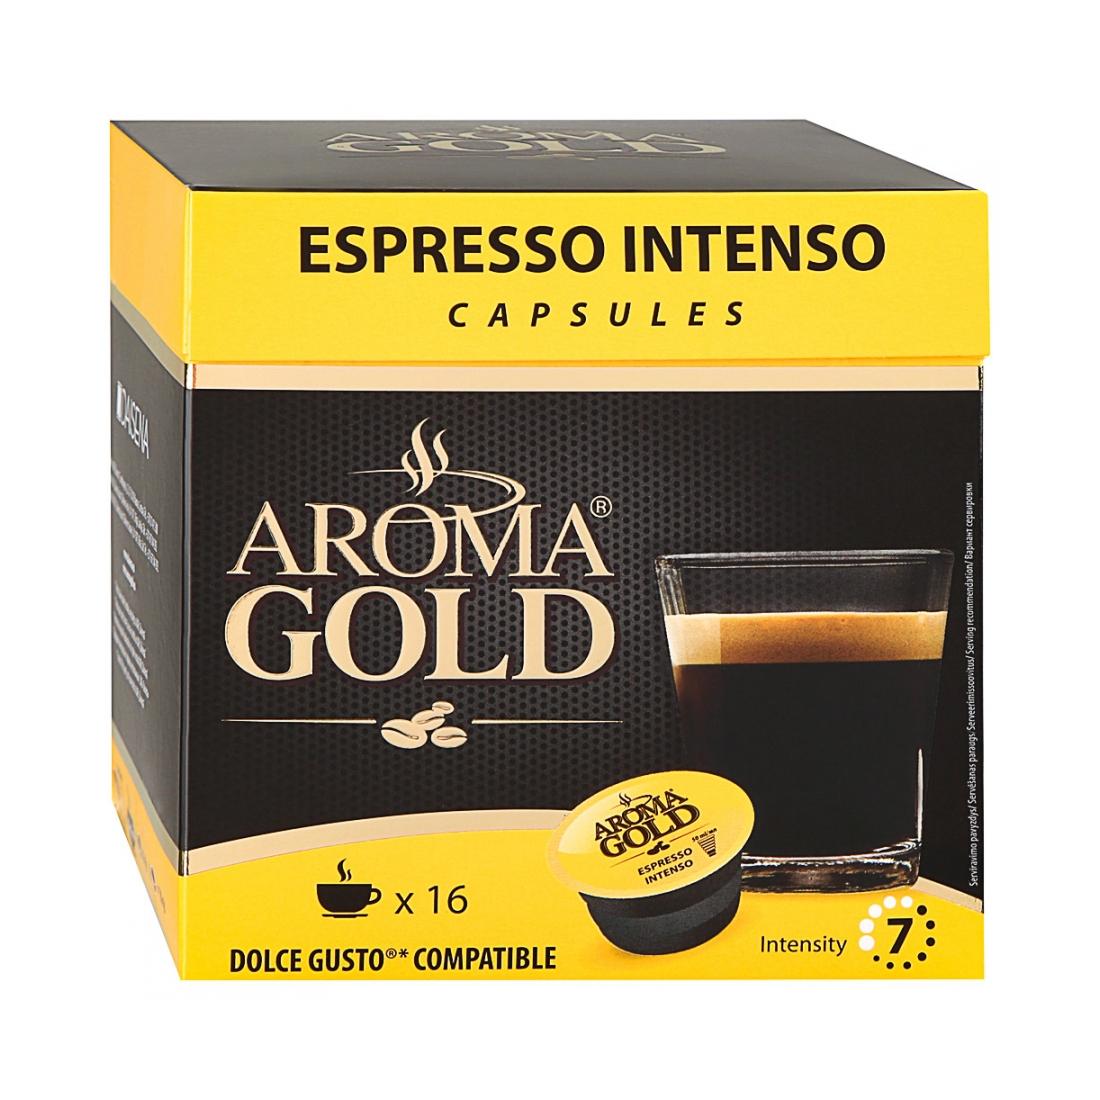 Кофе Aroma Gold Espresso Intenso в капсулах 16 шт